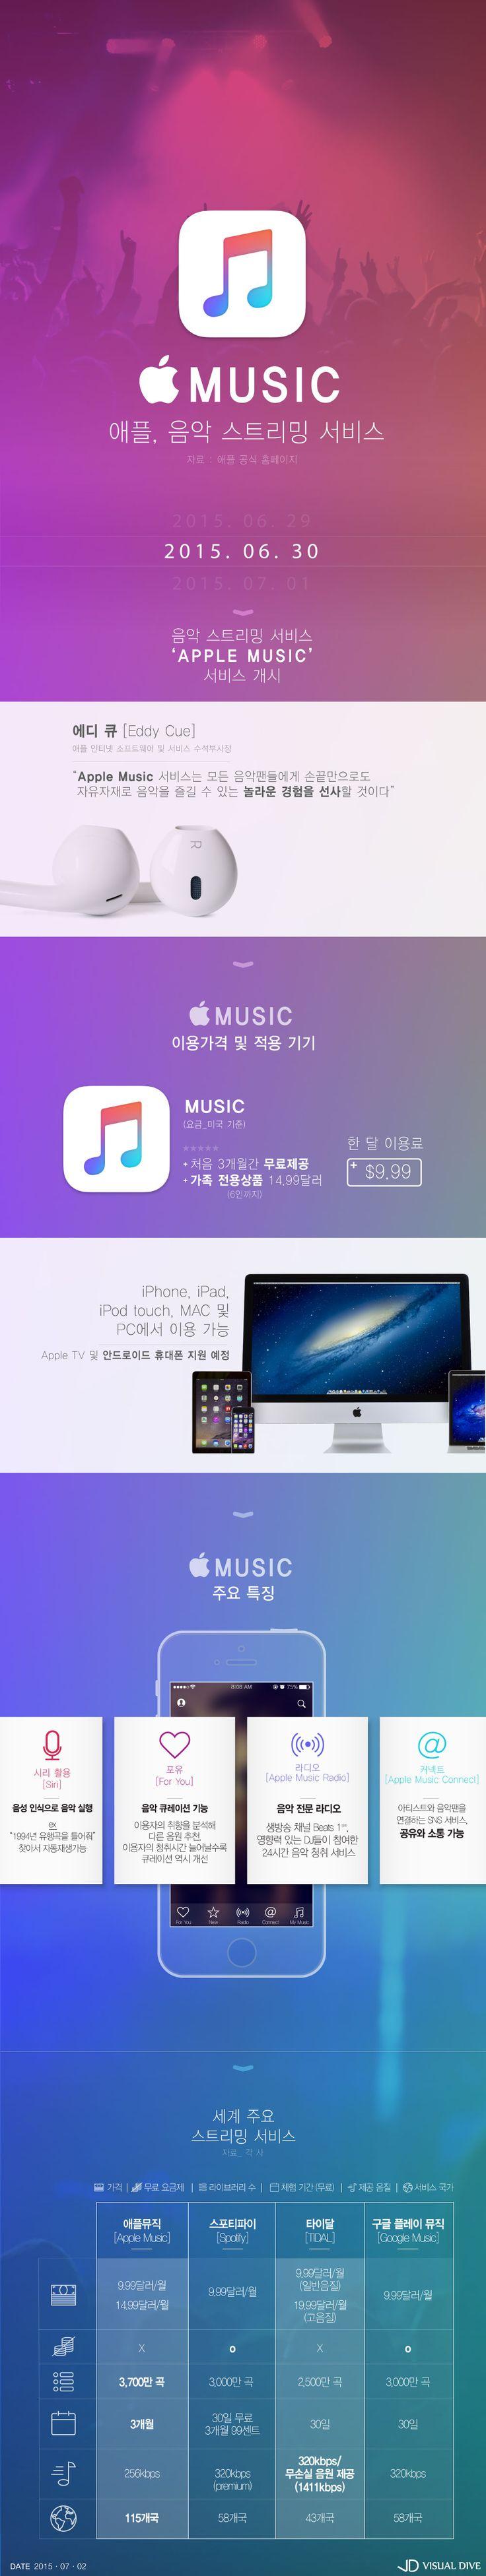 애플, 음악 스트리밍 서비스 '애플뮤직' 공개 [인포그래픽] #Apple / #Infographic ⓒ 비주얼다이브 무단 복사·전재·재배포 금지